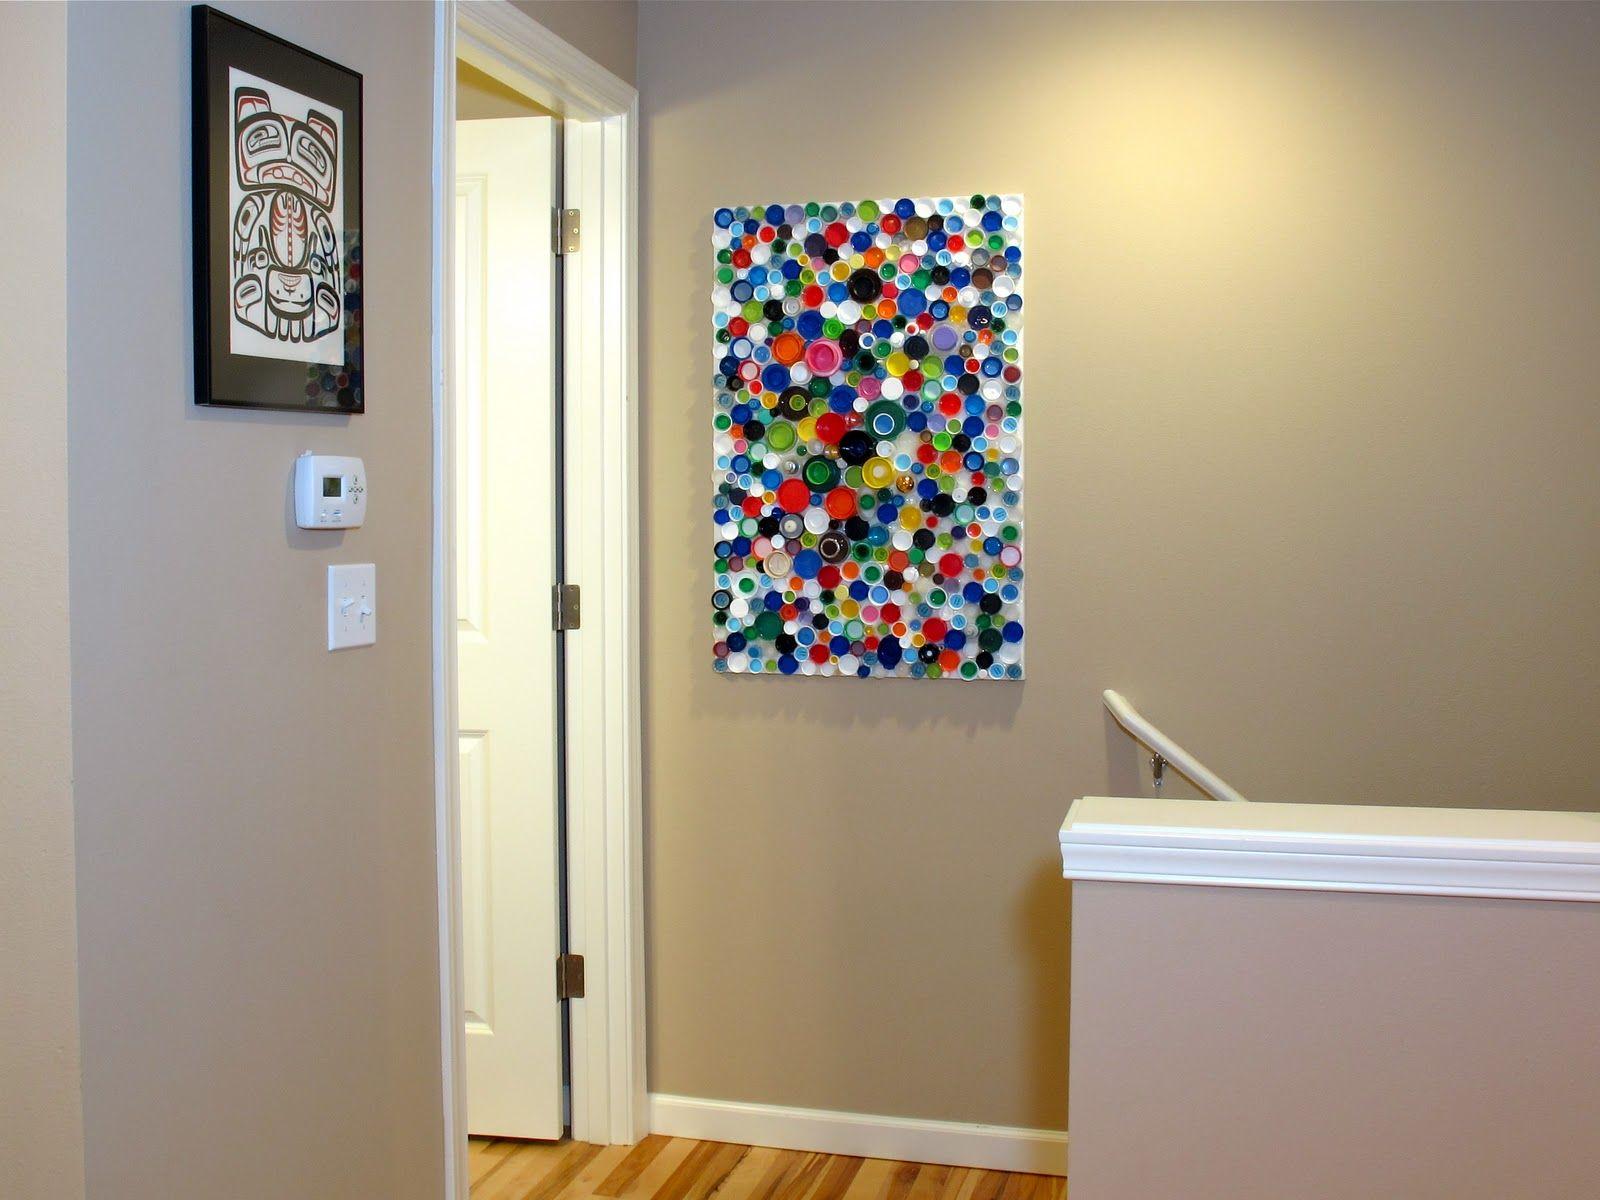 Upcycled Plastic Bottle Cap Mosaic